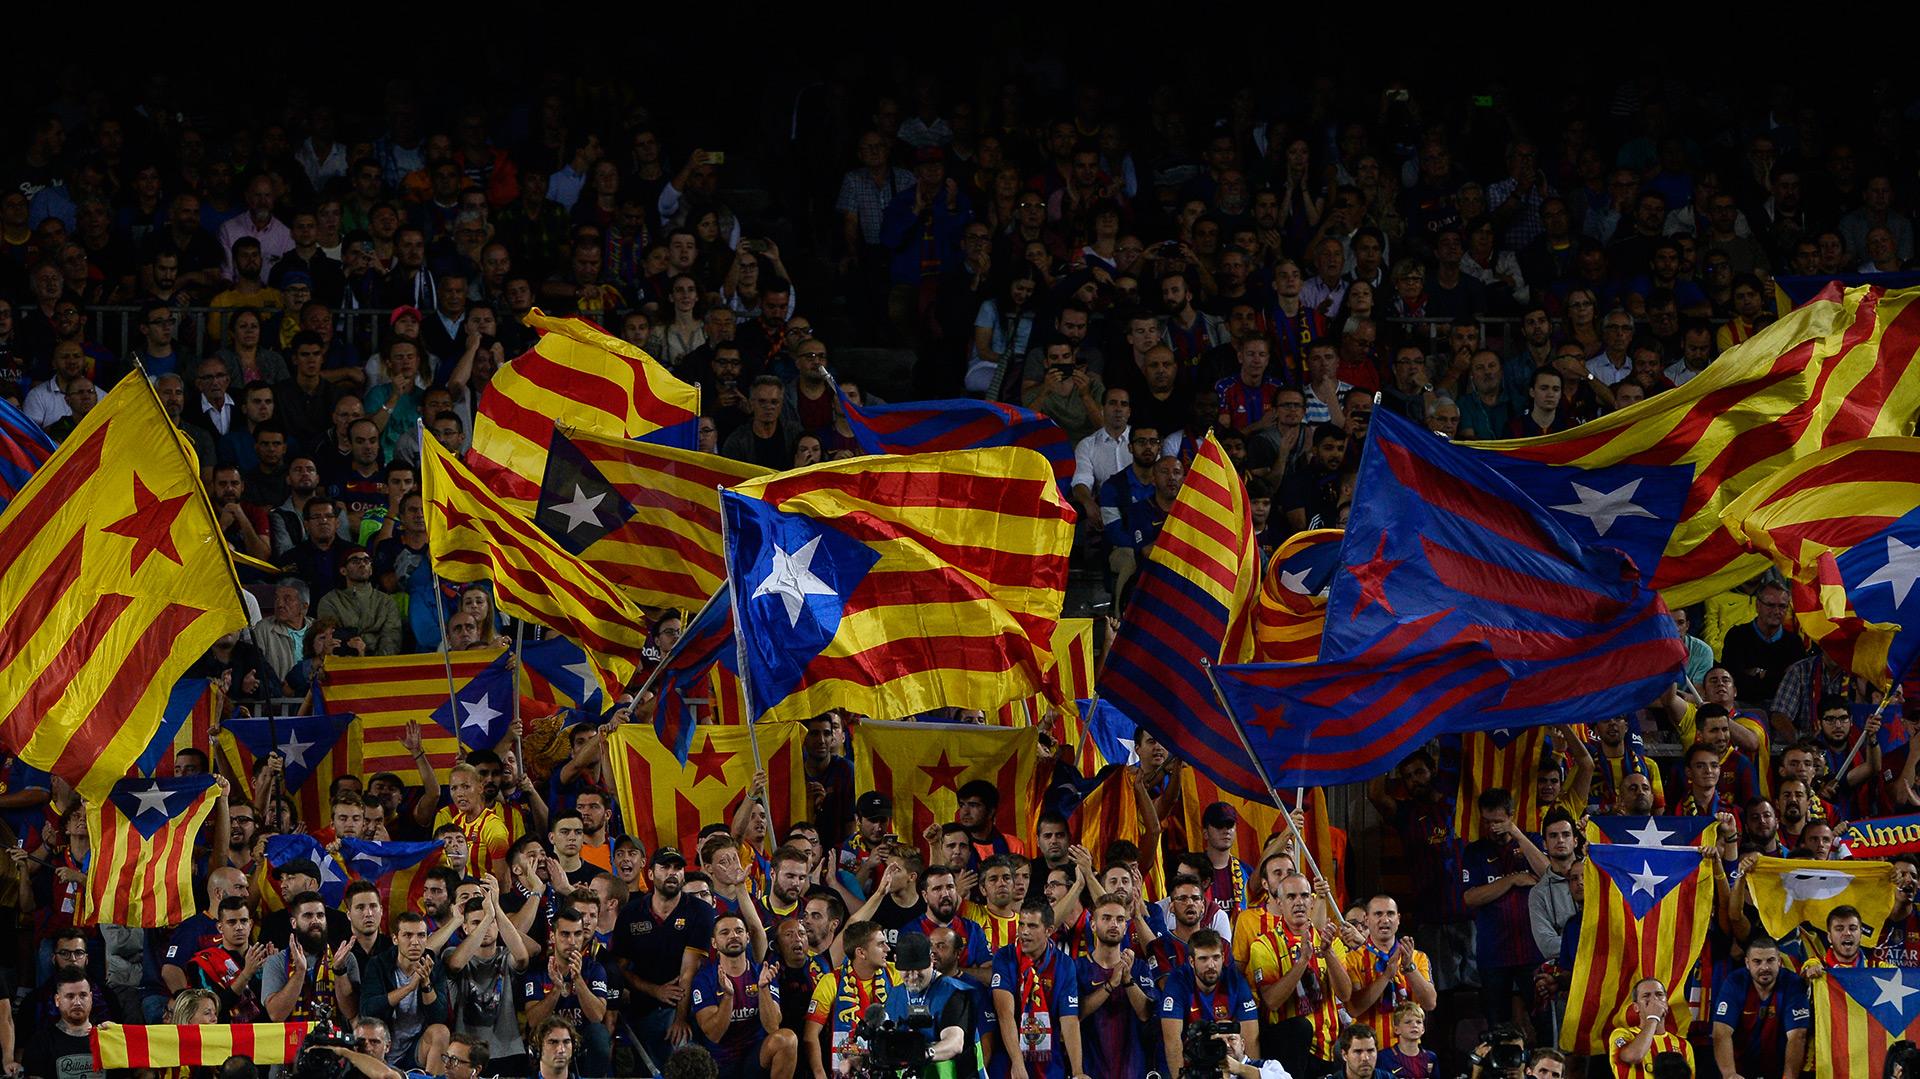 La semana pasada se anunció la prohibición de banderas catalanas en la final de la Copa del Rey(AFP)